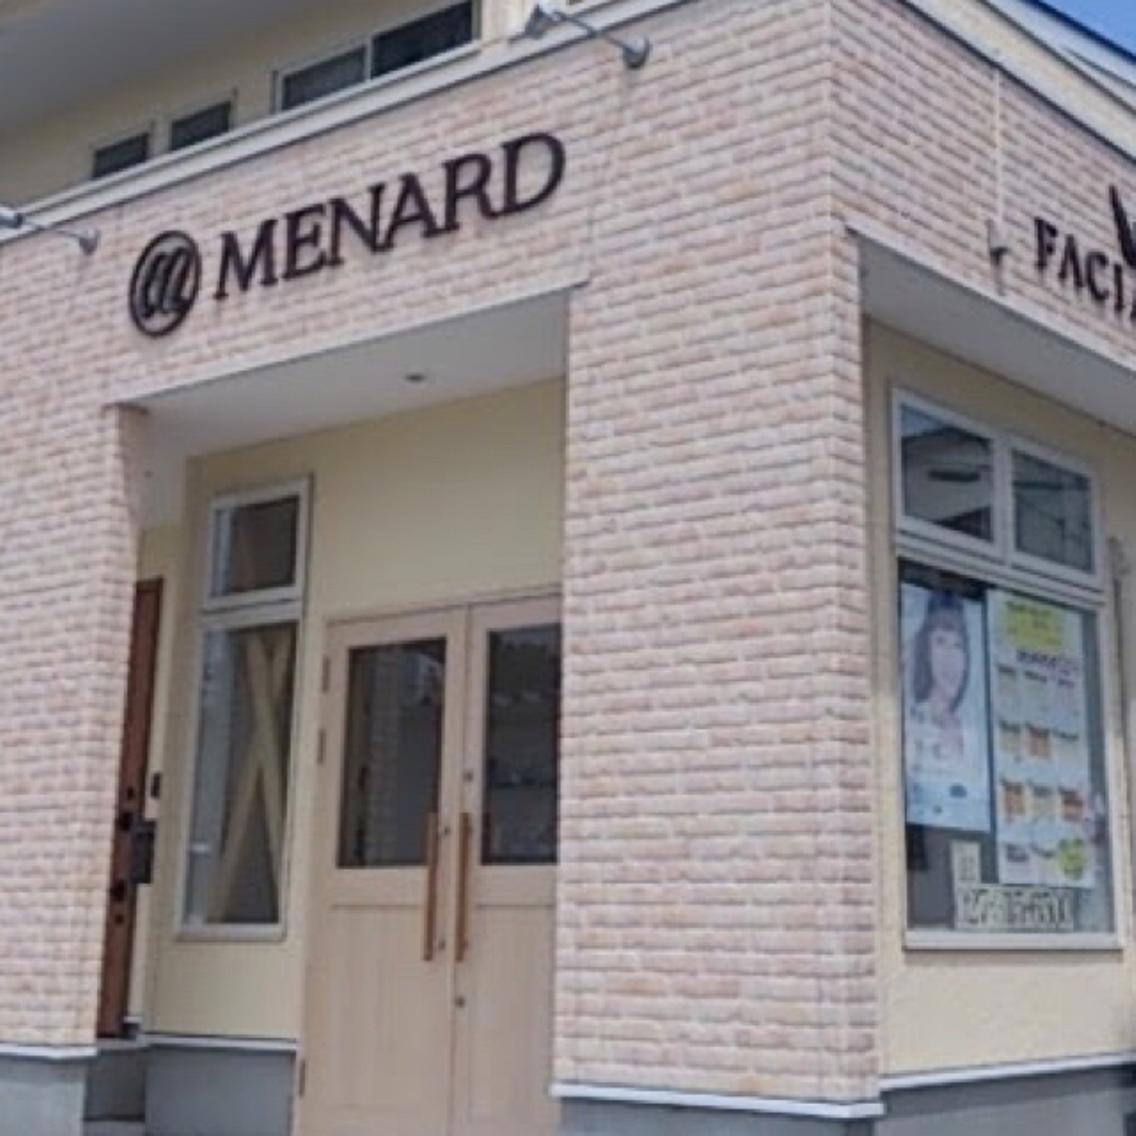 高崎駅より車で5分‼︎☆大人気☆メナード深キョンCMエステ2000円